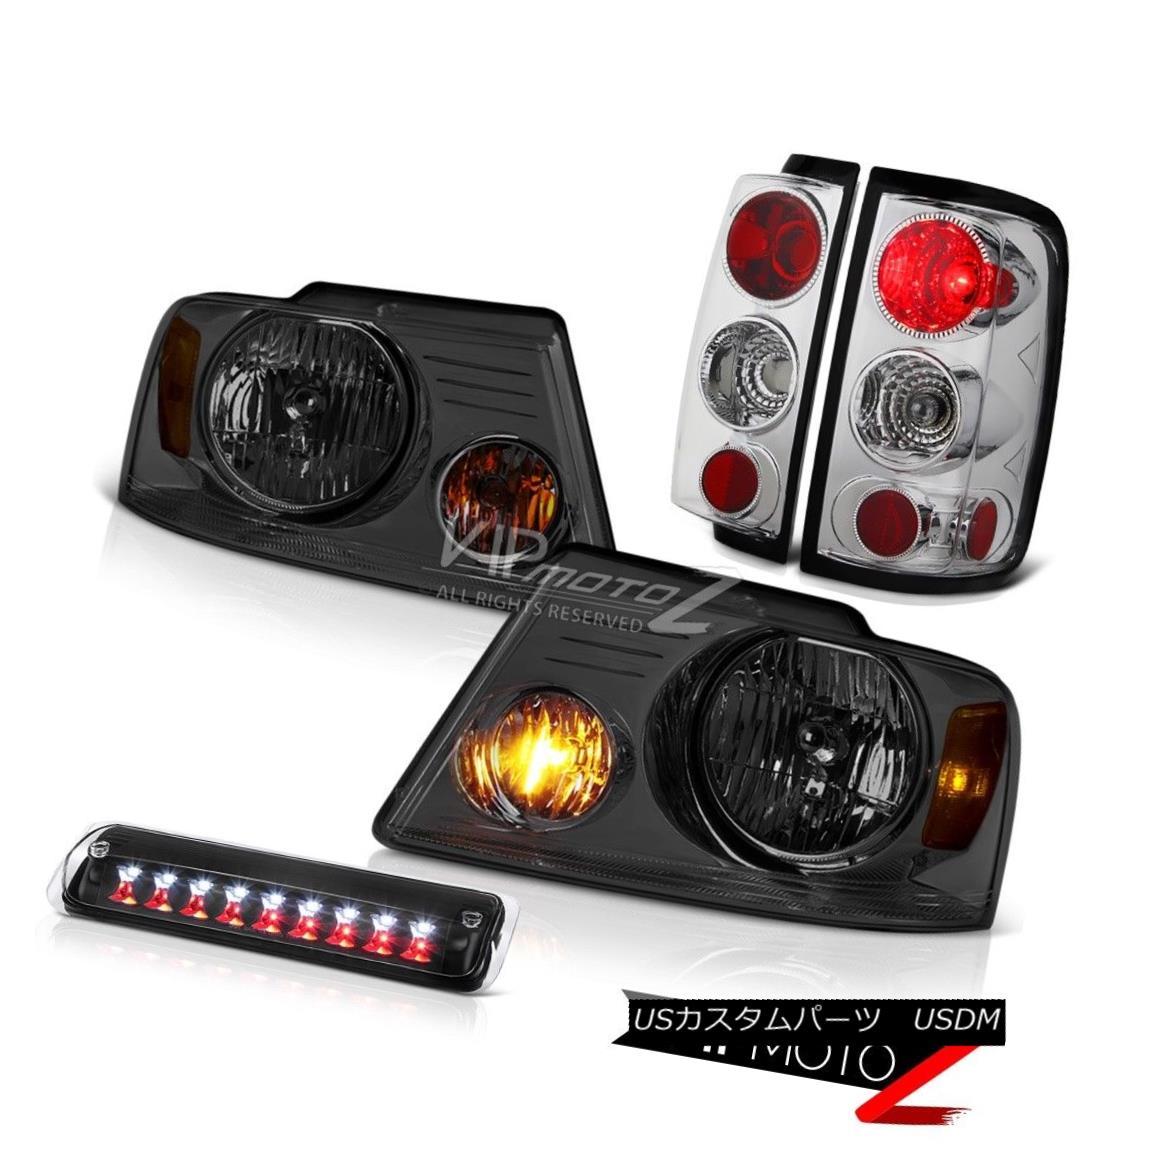 ヘッドライト 04 05 06 07 08 Ford F150 XLT Smokey Headlights Black 3RD Brake Light Tail Lamps 04 05 06 07 08フォードF150 XLTスモーキーヘッドライトブラック3RDブレーキライトテールランプ